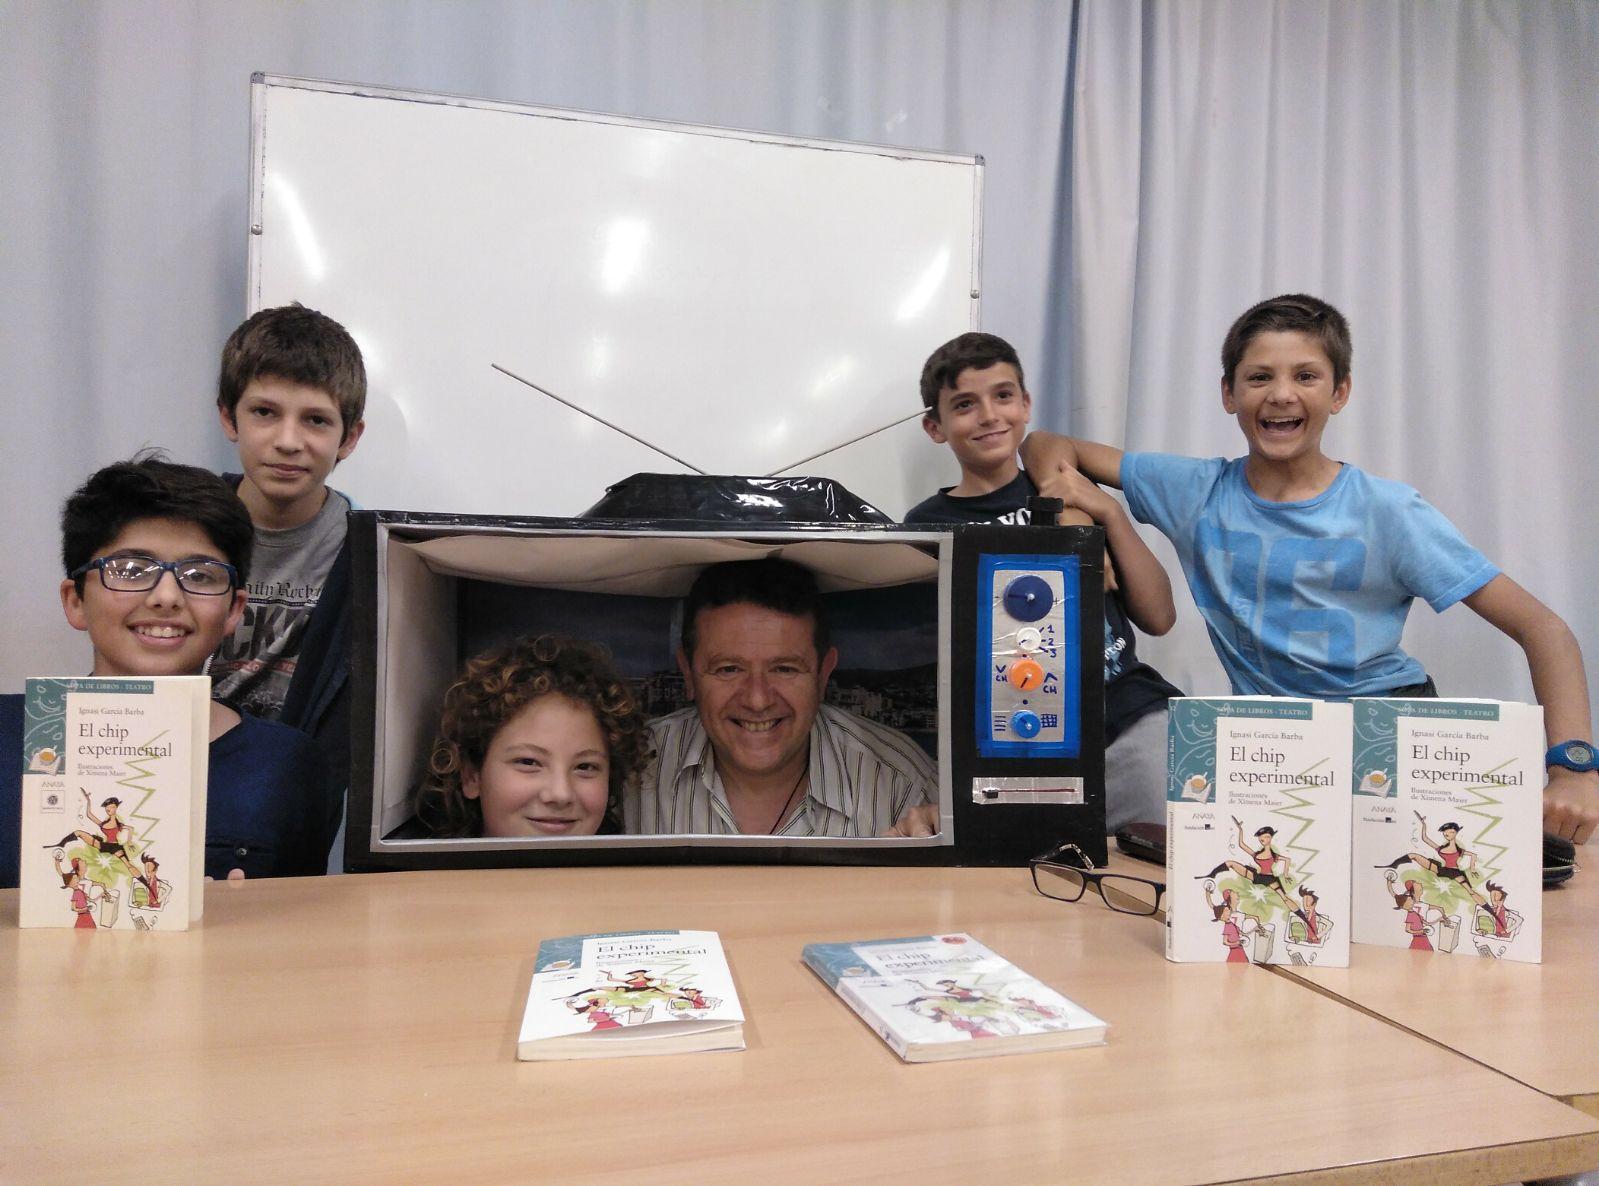 Alumnos del IES Vinyet de Sitges. En el interior de la televisión, a mi lado, Xavi Molina, el alumno que la ha construido para poder representar la obra en clase.